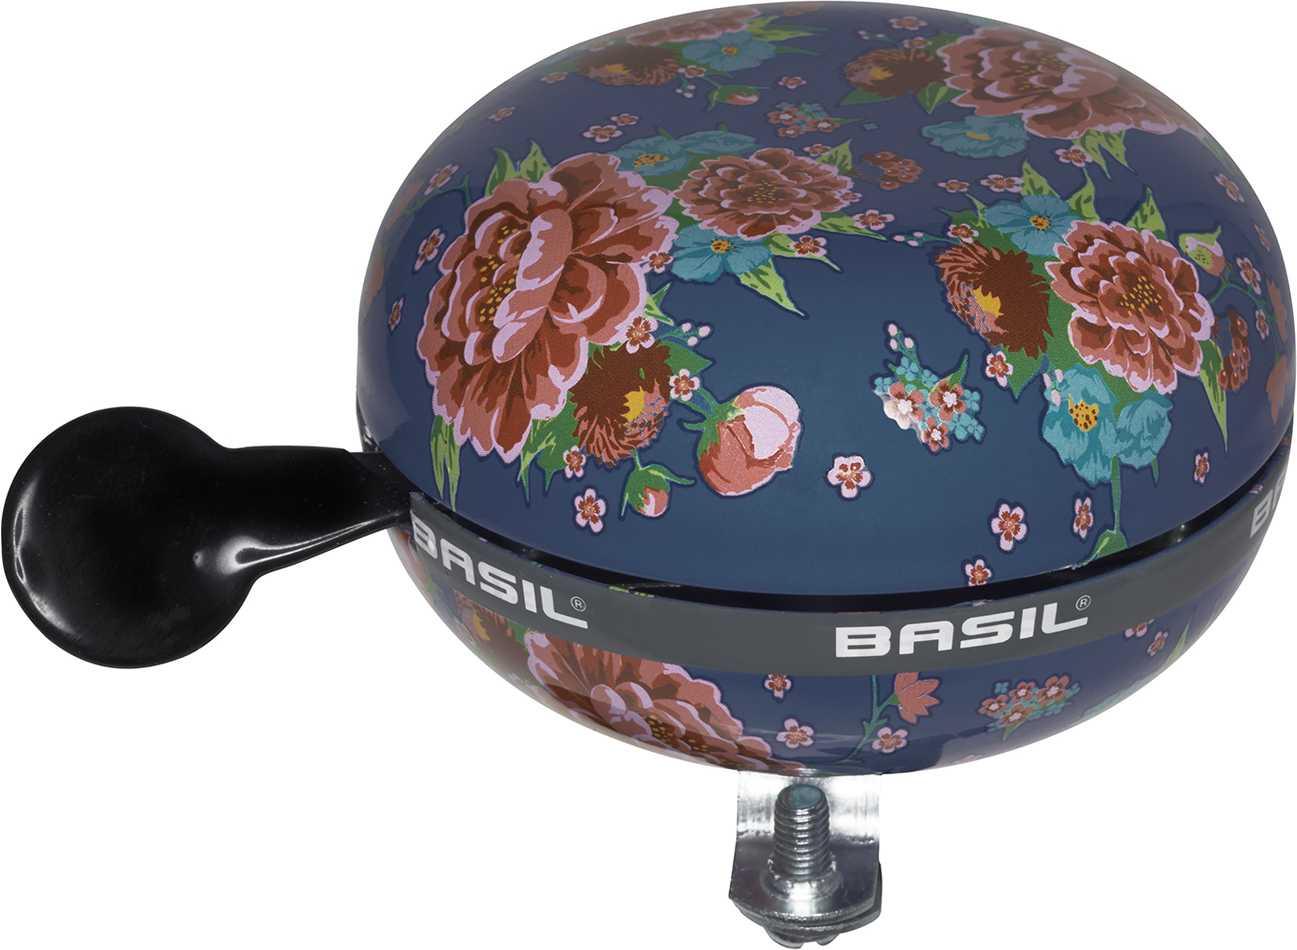 Ringklocka Basil Bloom Big Bell Indigo/blåblommig